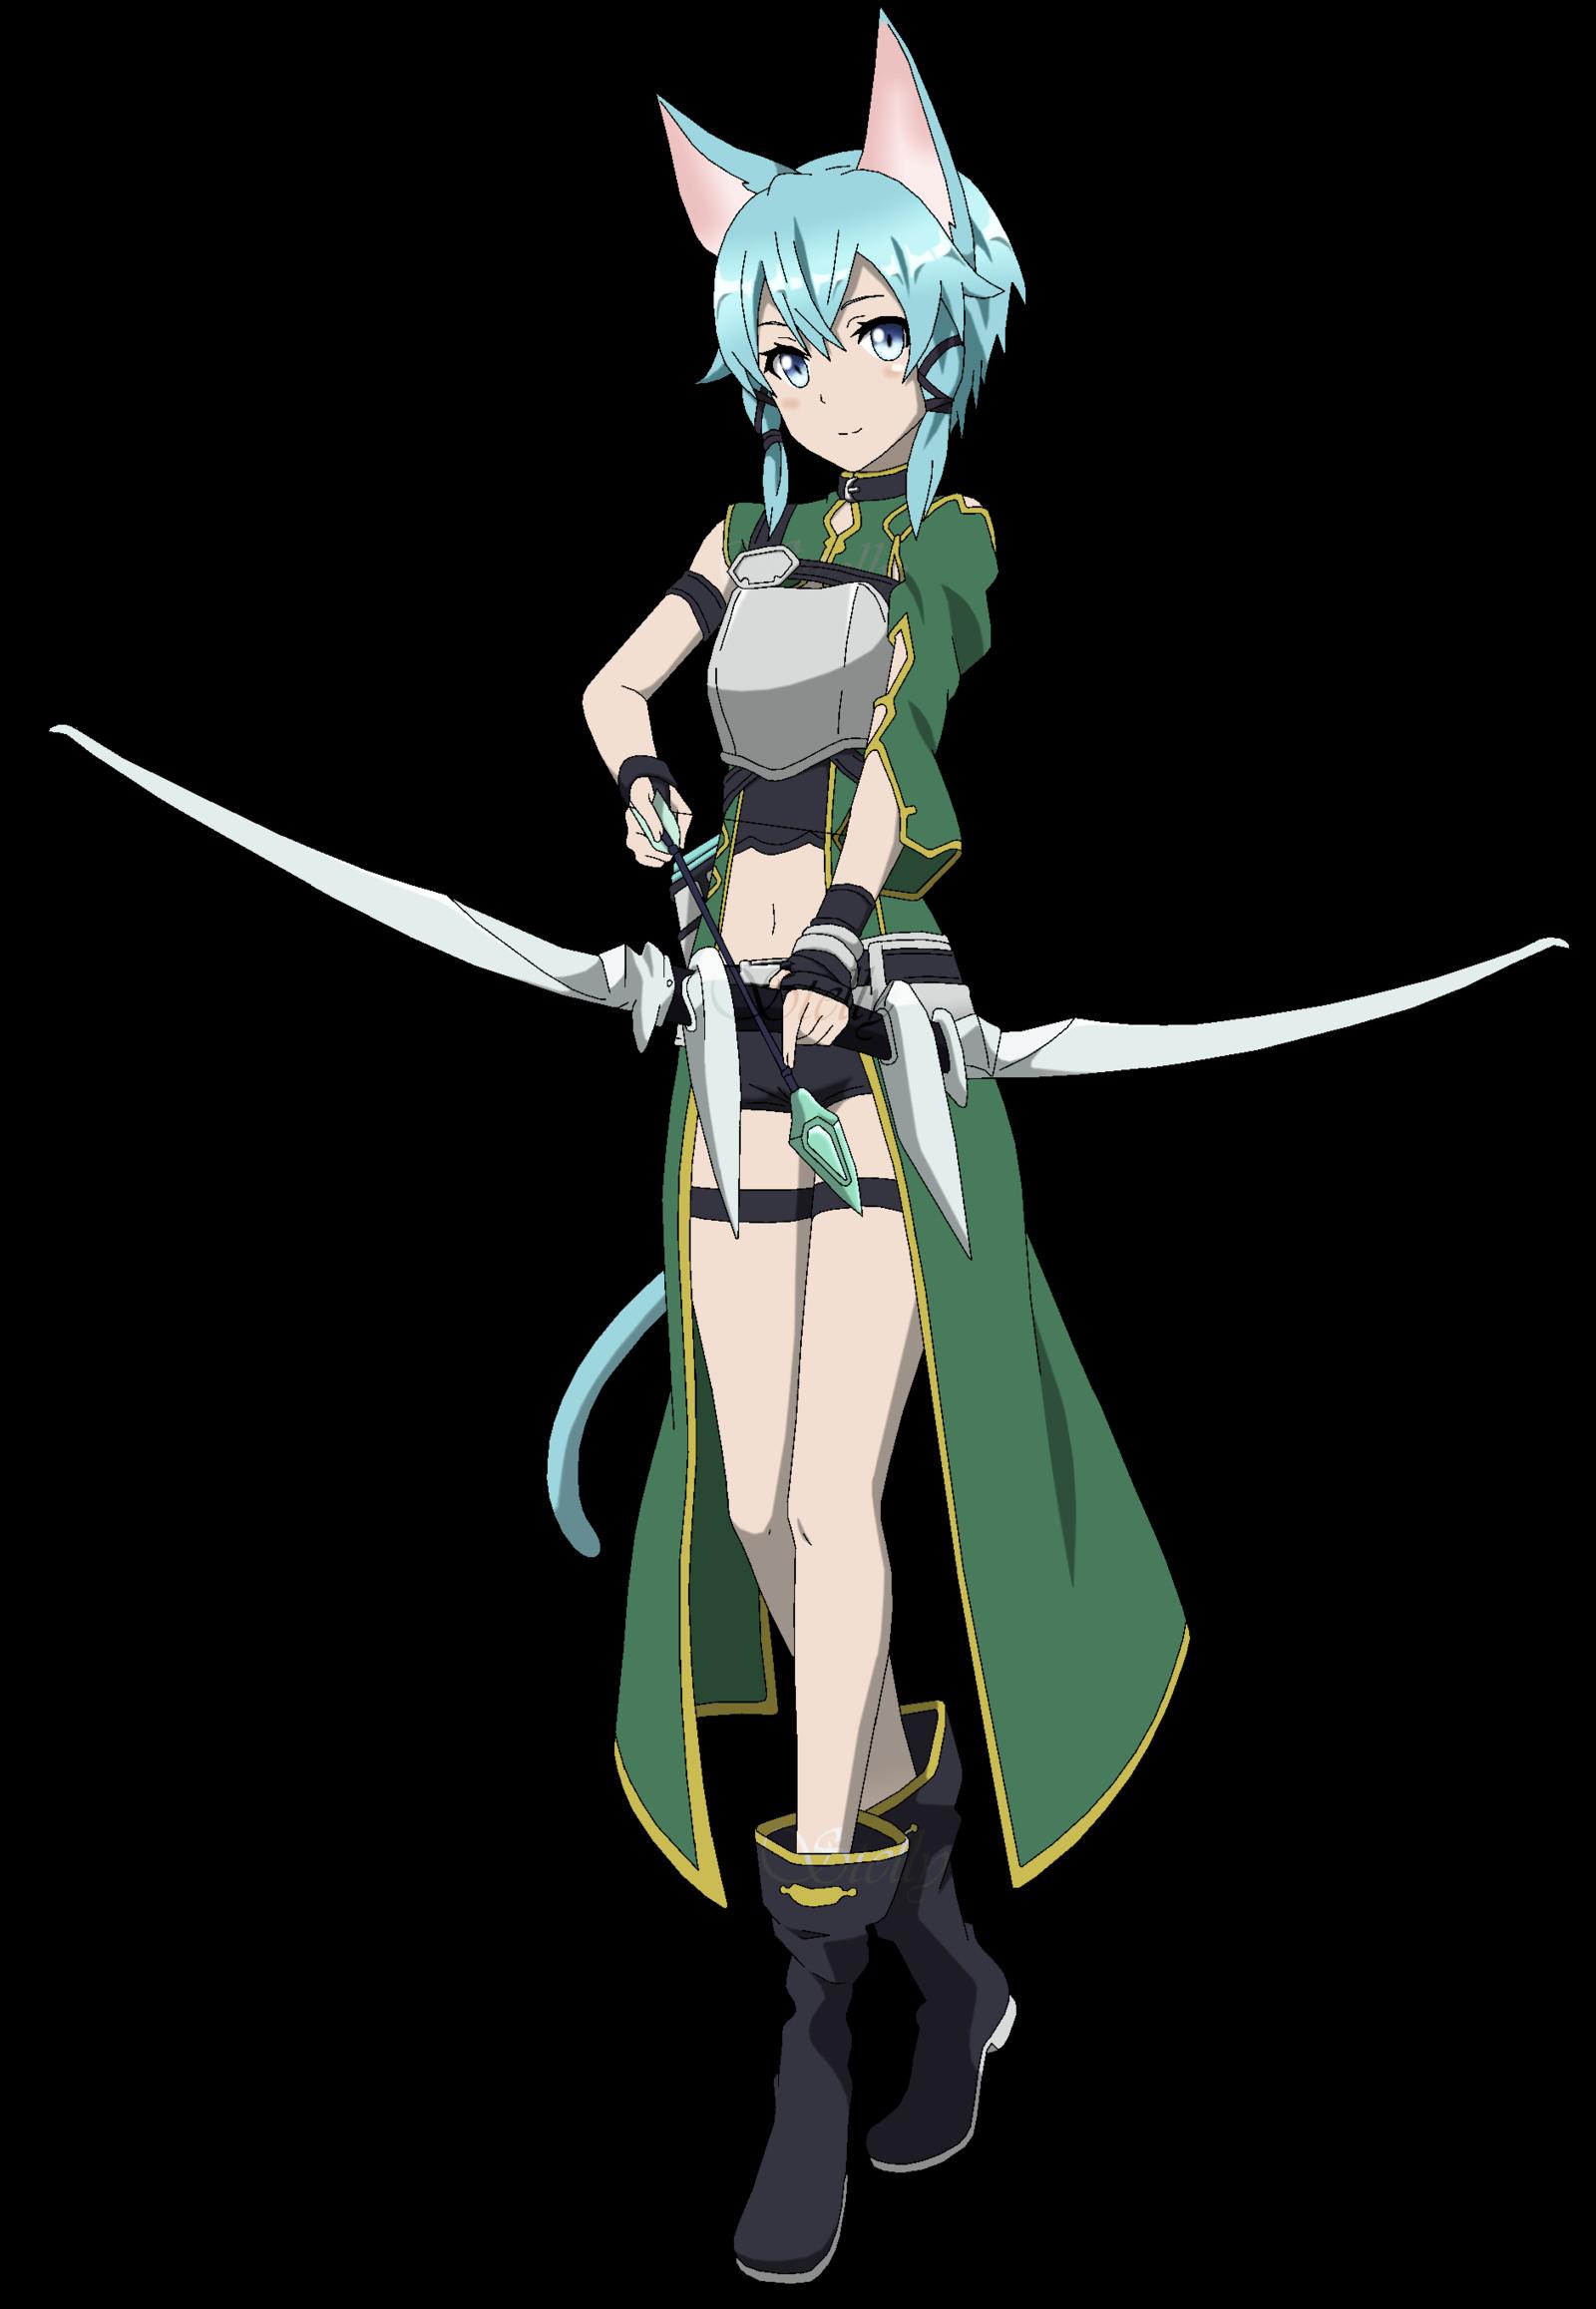 sword art online sinon.